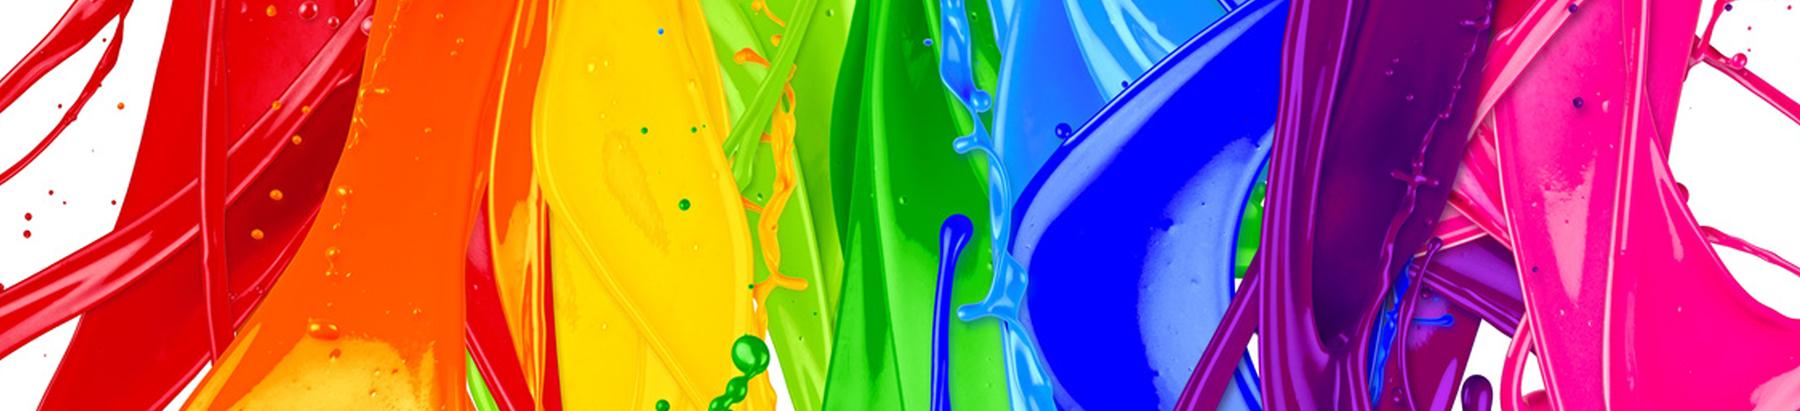 farbenfroh 22 - Farbe kaufen